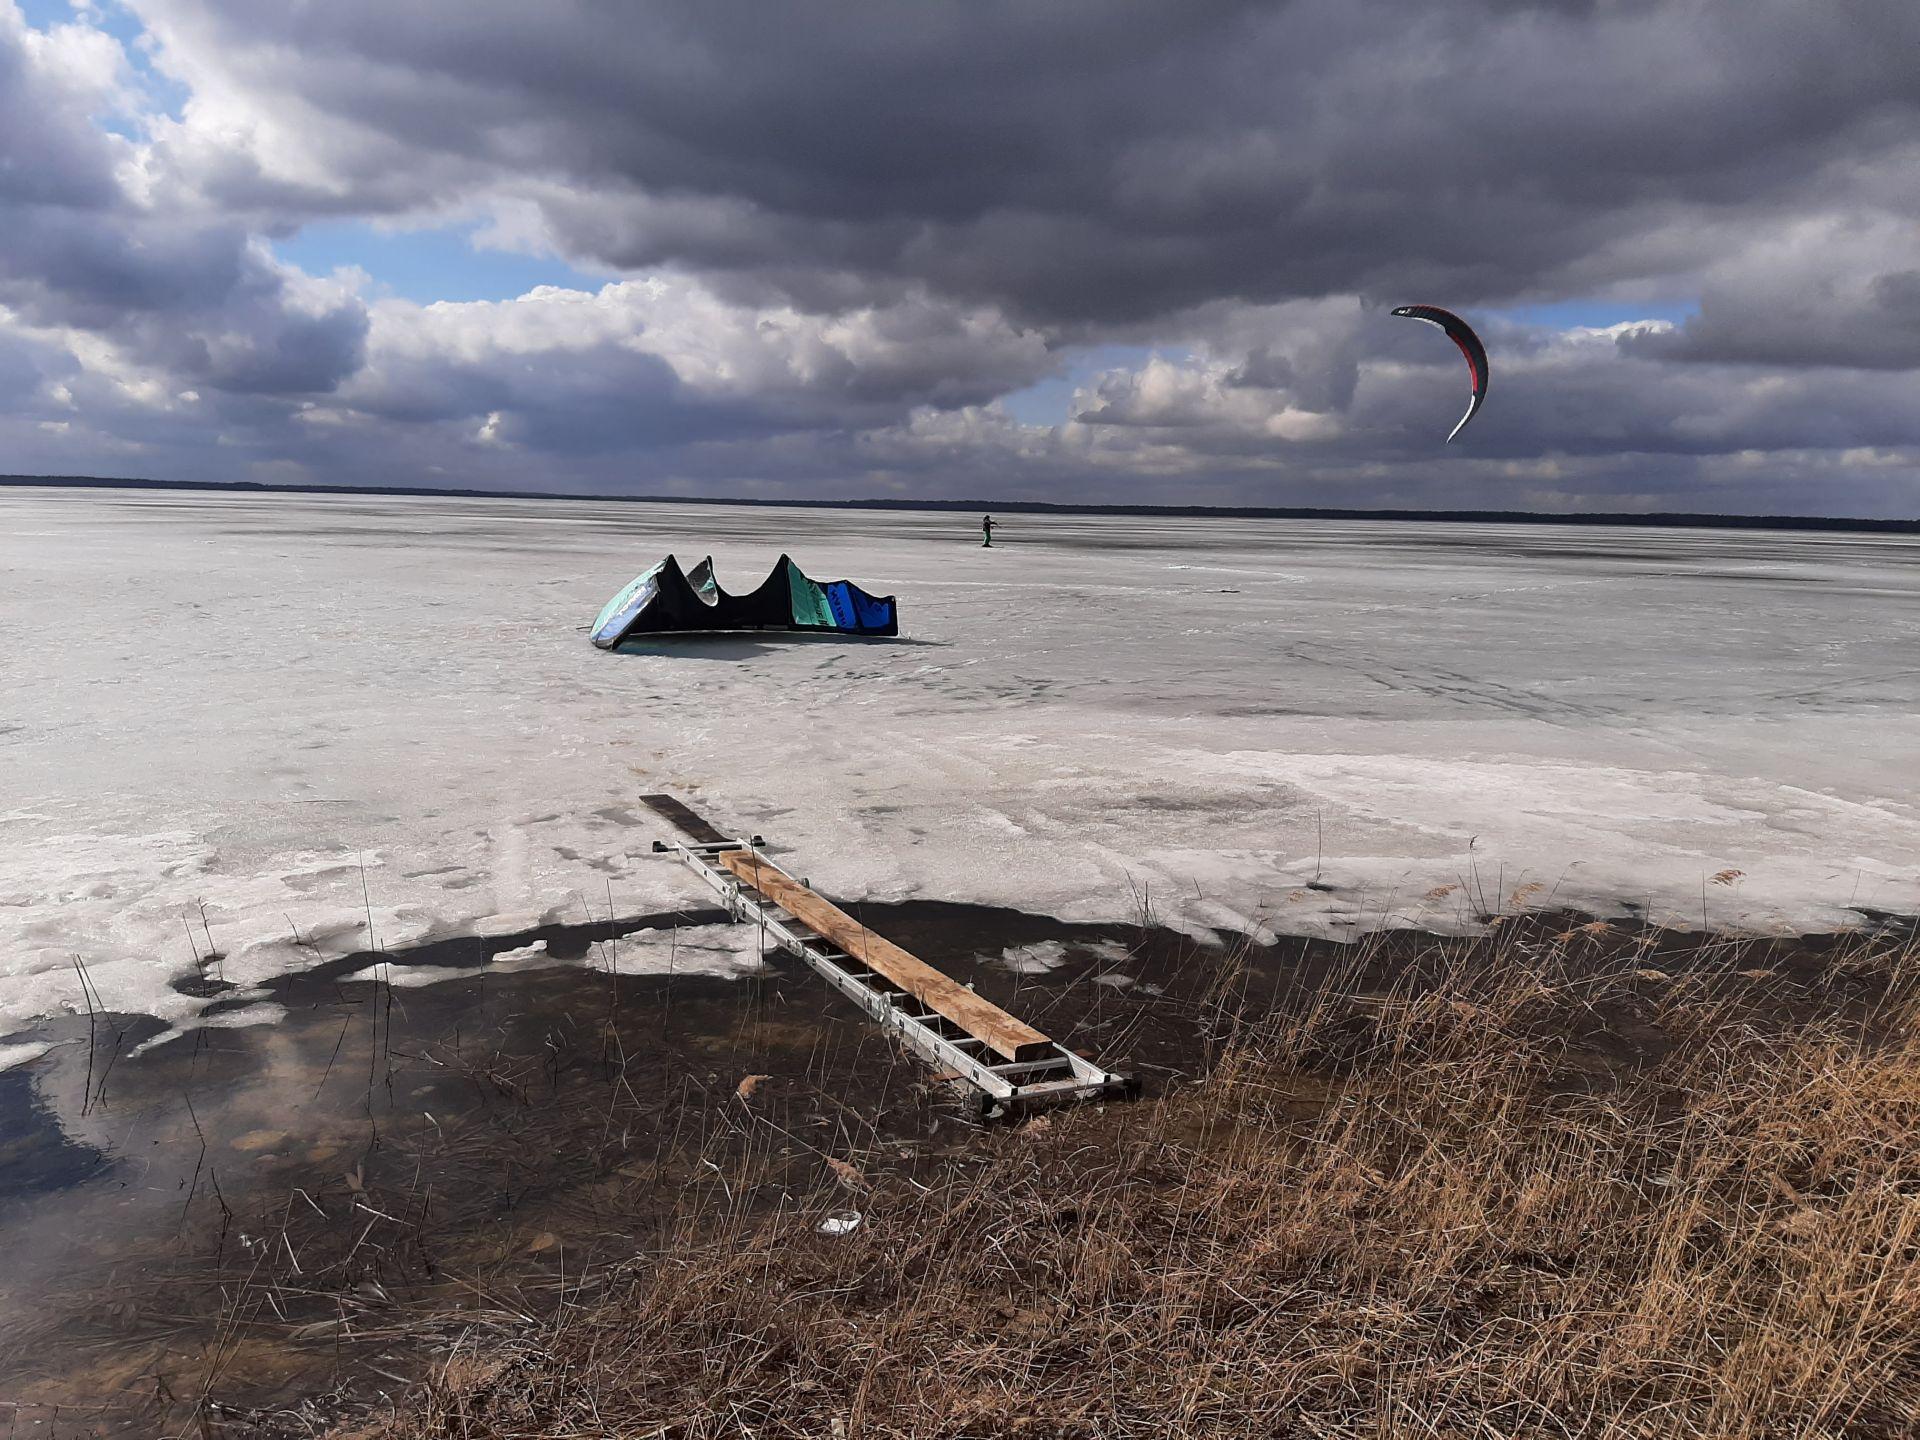 Artūras Dudėnas #145 Jėgos aitvarų žiemos sezono uždarymas max speed 108,4 km/h Naish Torch